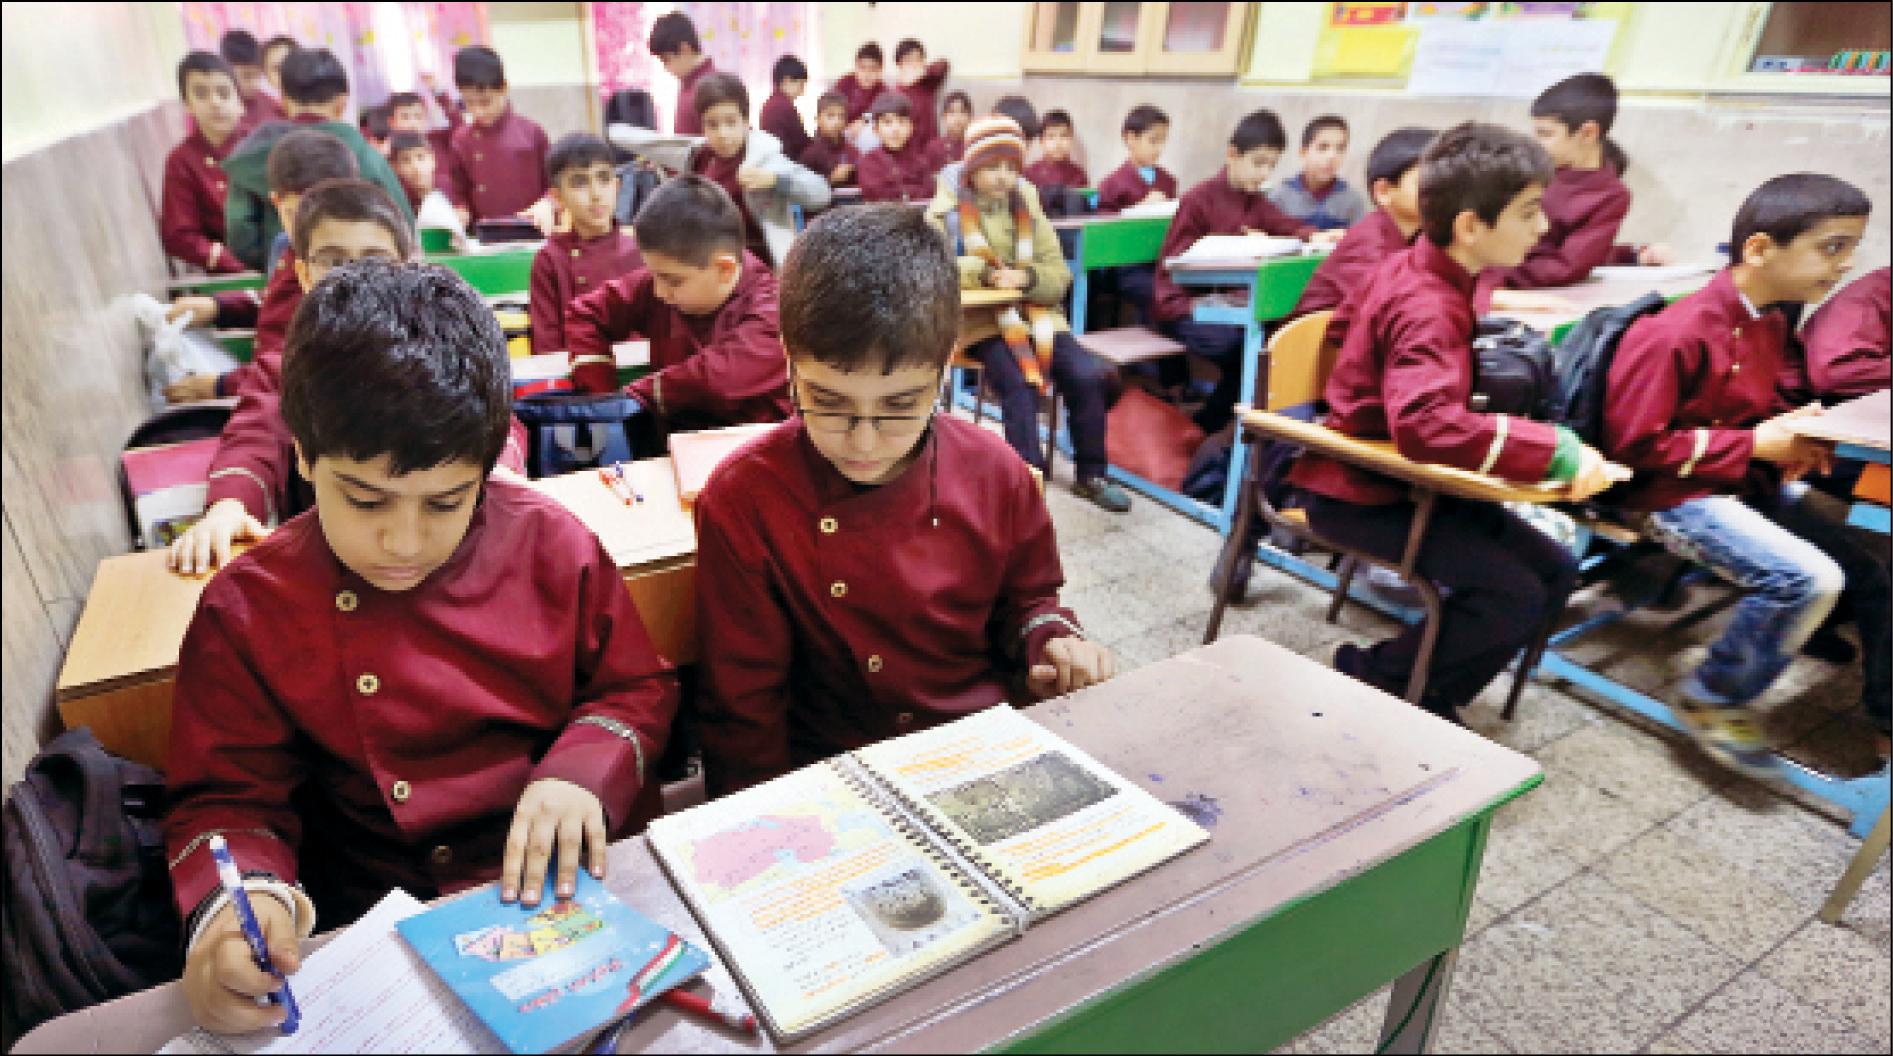 میزان شهریه مدارس شاهد برای سال تحصیلی جدید اعلام شد